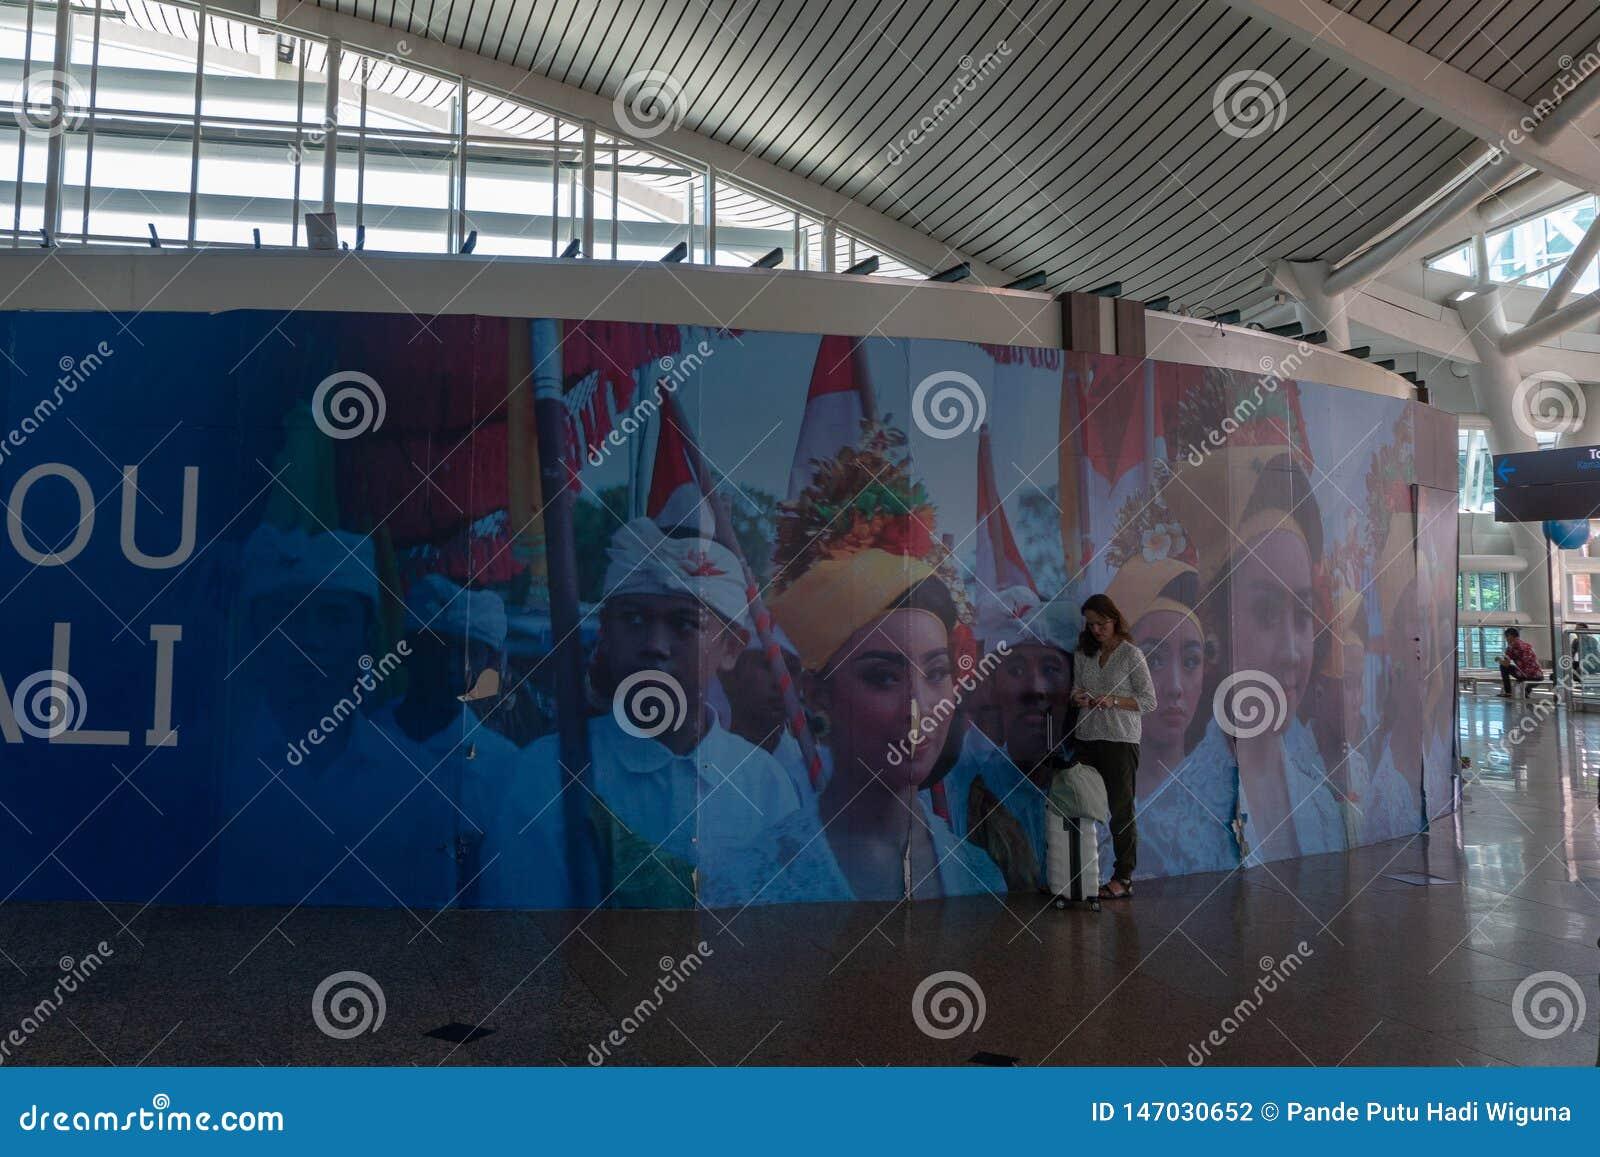 BADUNG/BALI-MARCH 28 2019: Żeński turysta, niesie walizkę, stał w terenie w balijczyka ornamentacyjnym lotnisku,